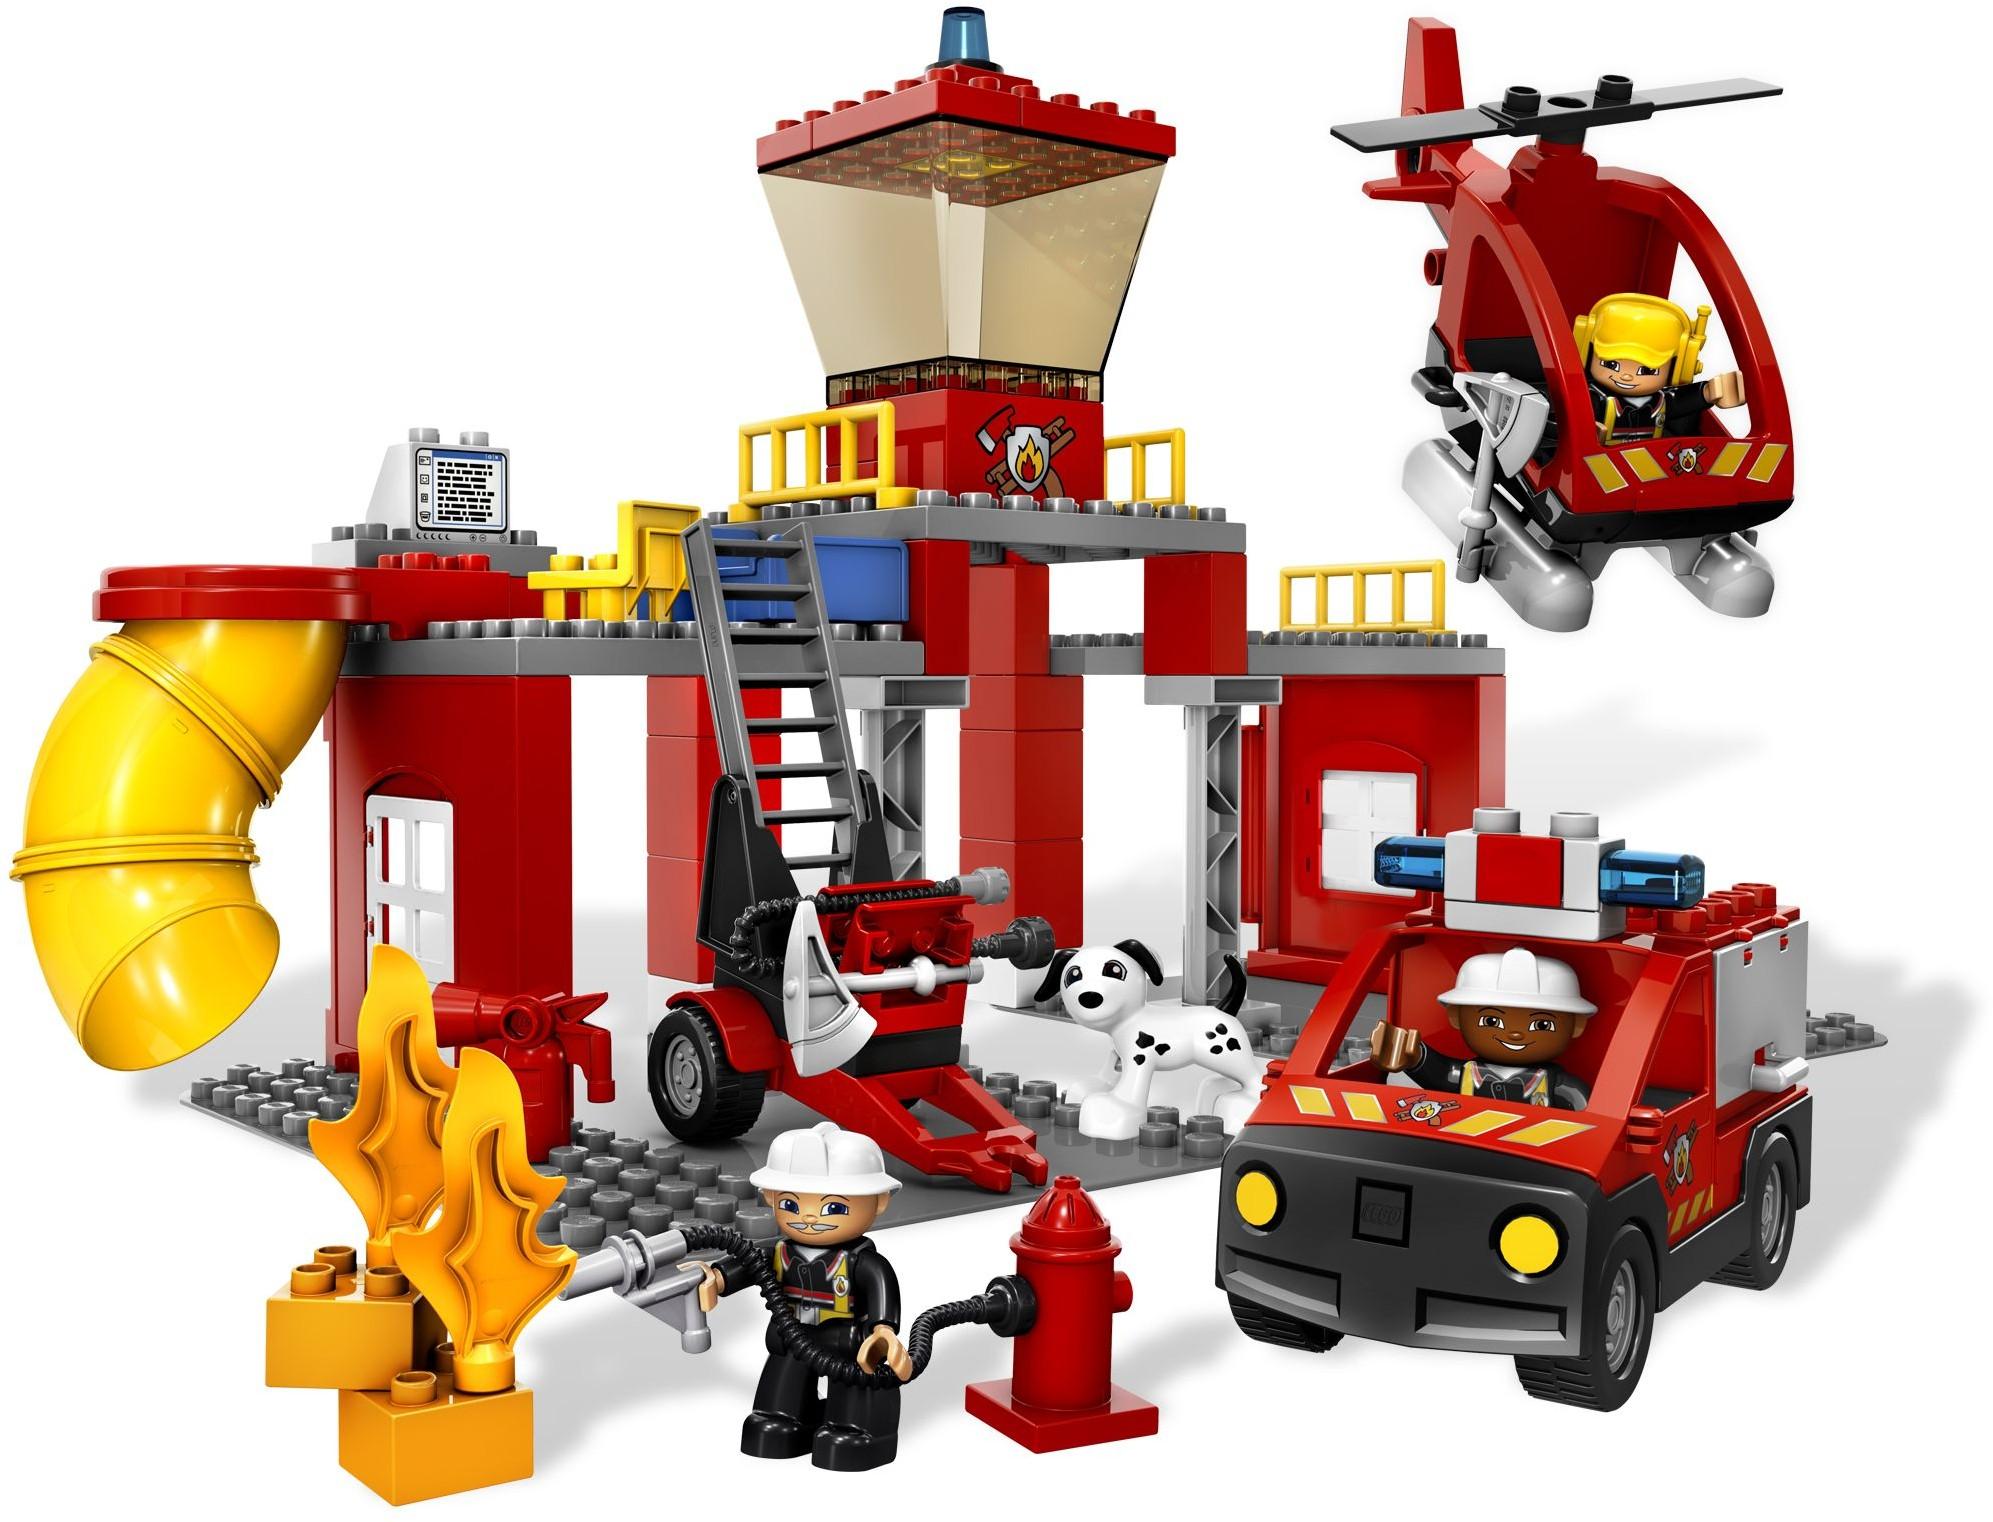 Duplo 2008 Brickset Lego Set Guide And Database